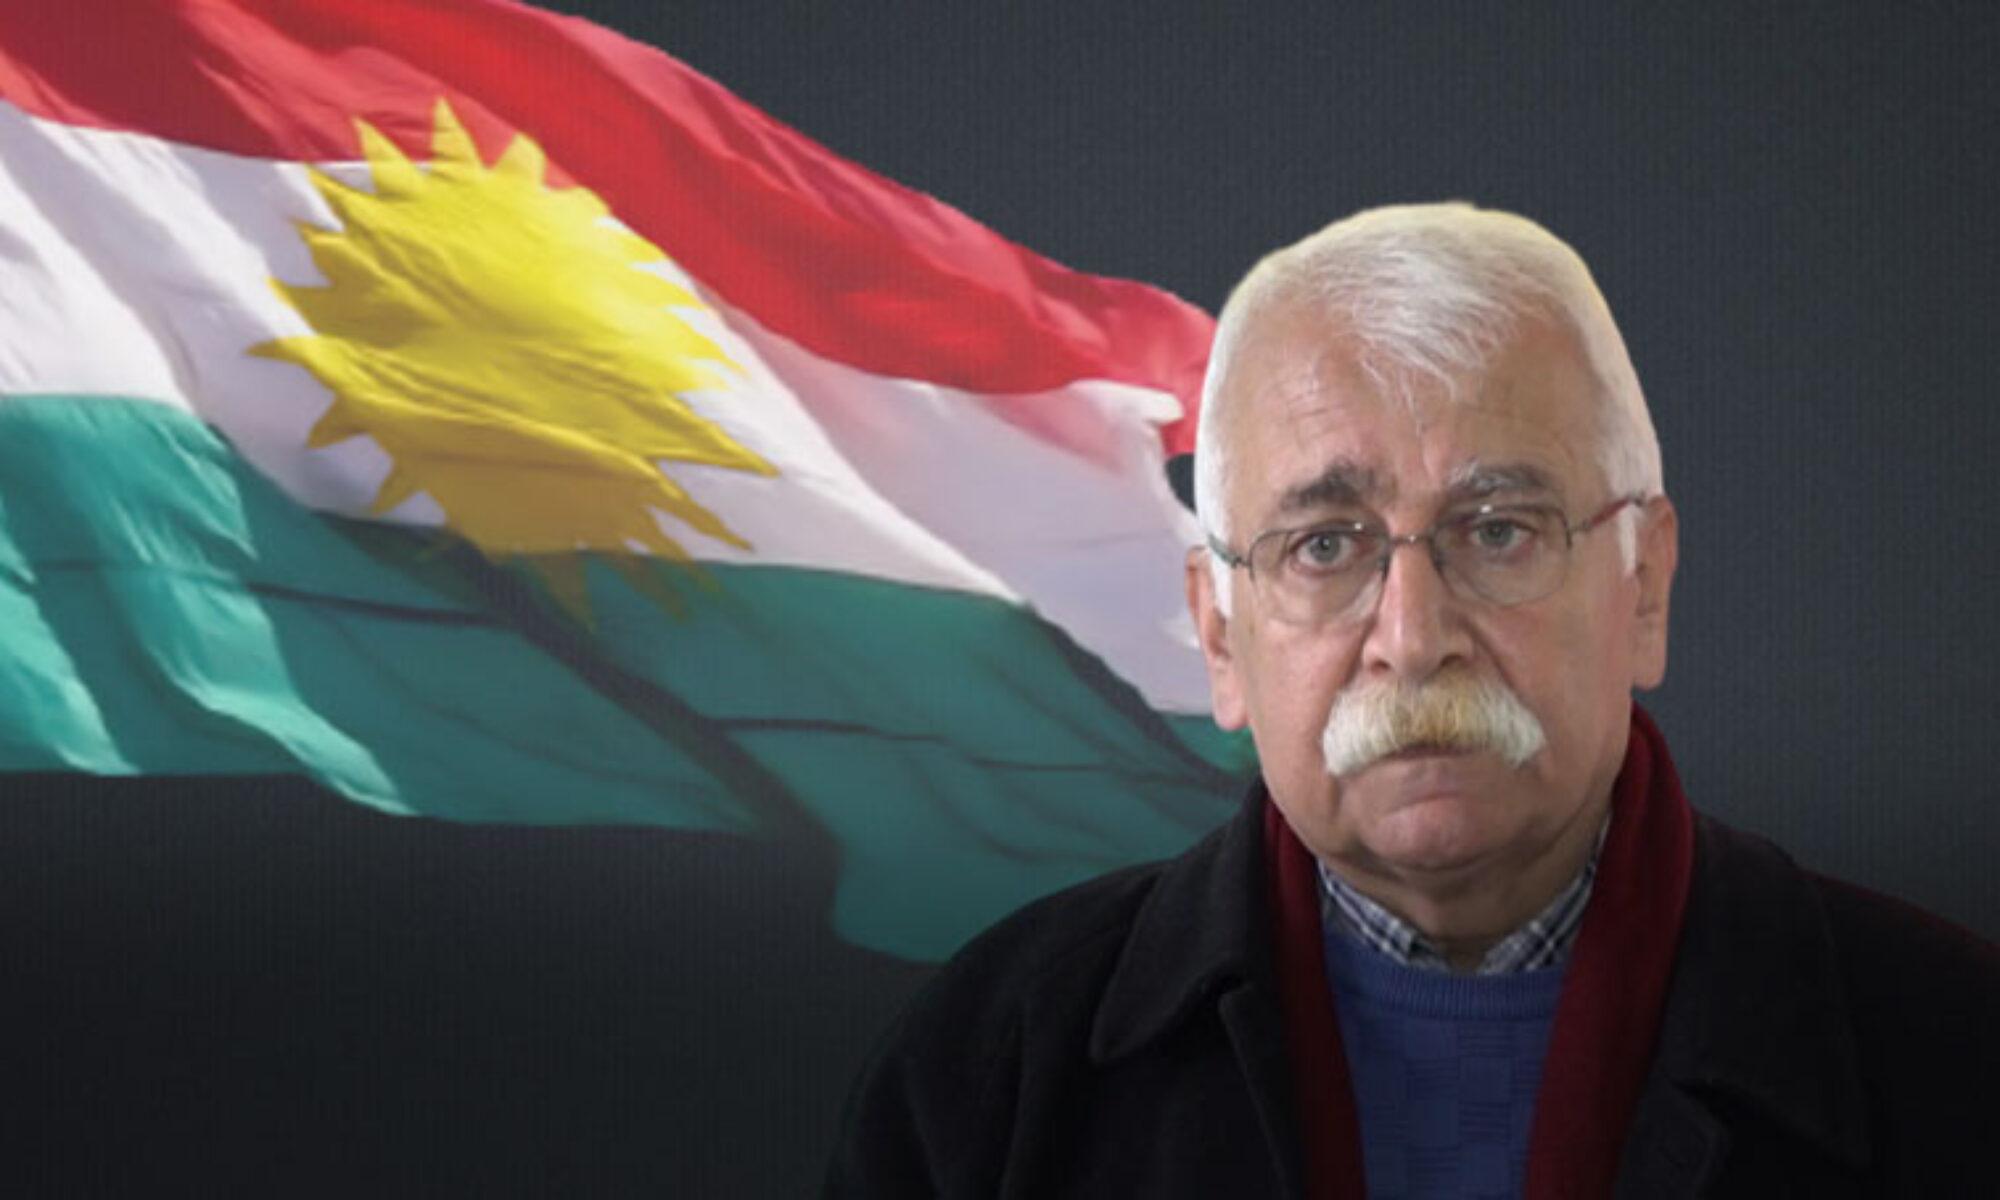 """Fuat Önen """"Her türlü milliyetçiliğe karşı olmanın"""" tarihini ve güncel siyasal sonuçlarını yorumladı Türk Miliyetçiliği, Kürt Milliyetçiliği, Qazi Muhammed, Ehmede Xani, karşı devrim,"""